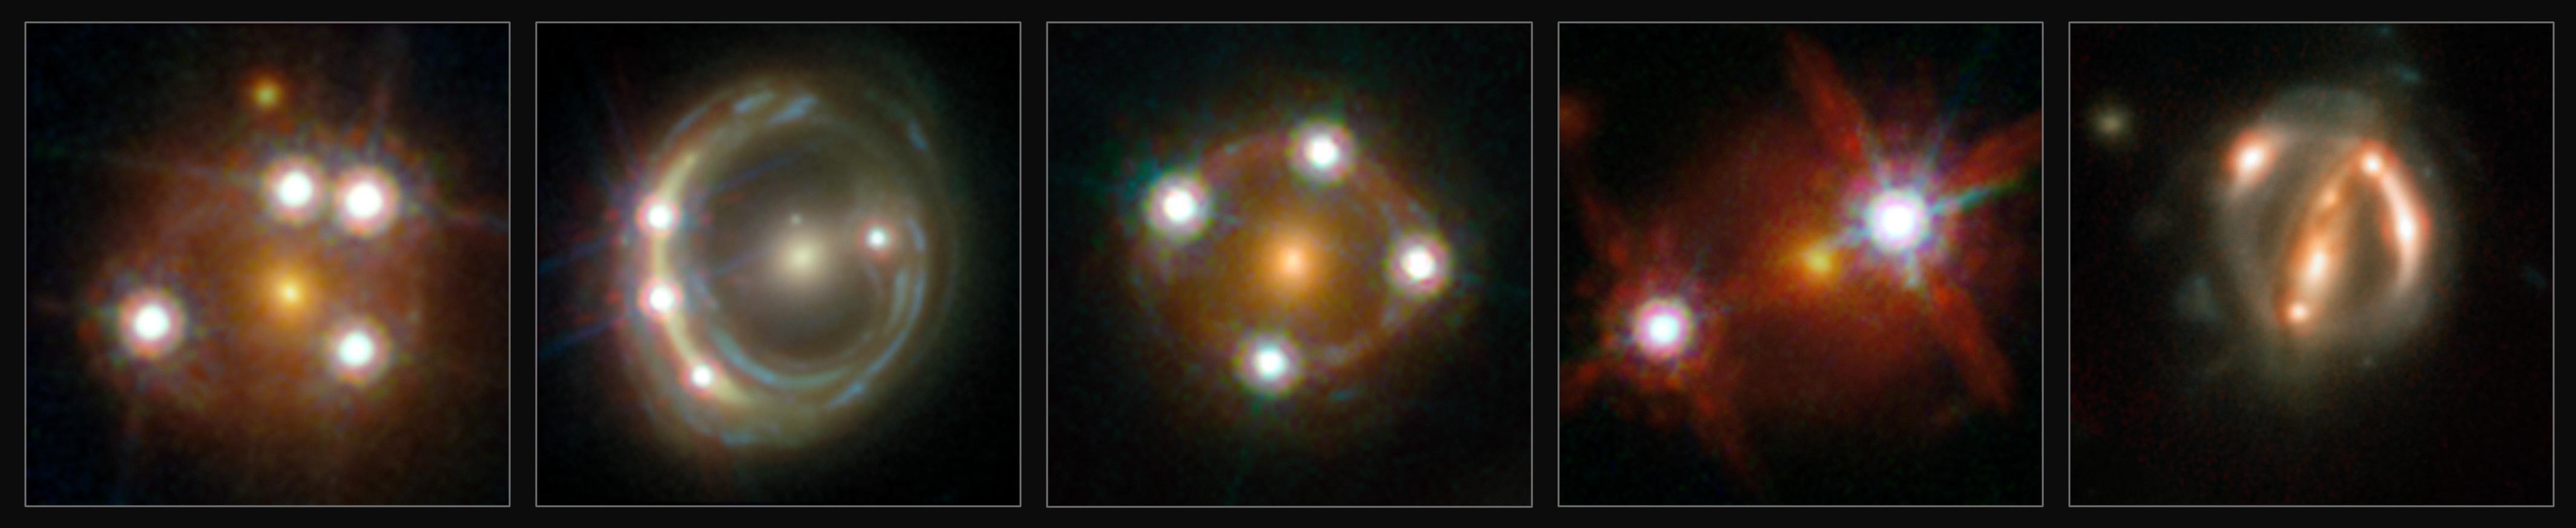 1567214488547-heic1702b.jpg